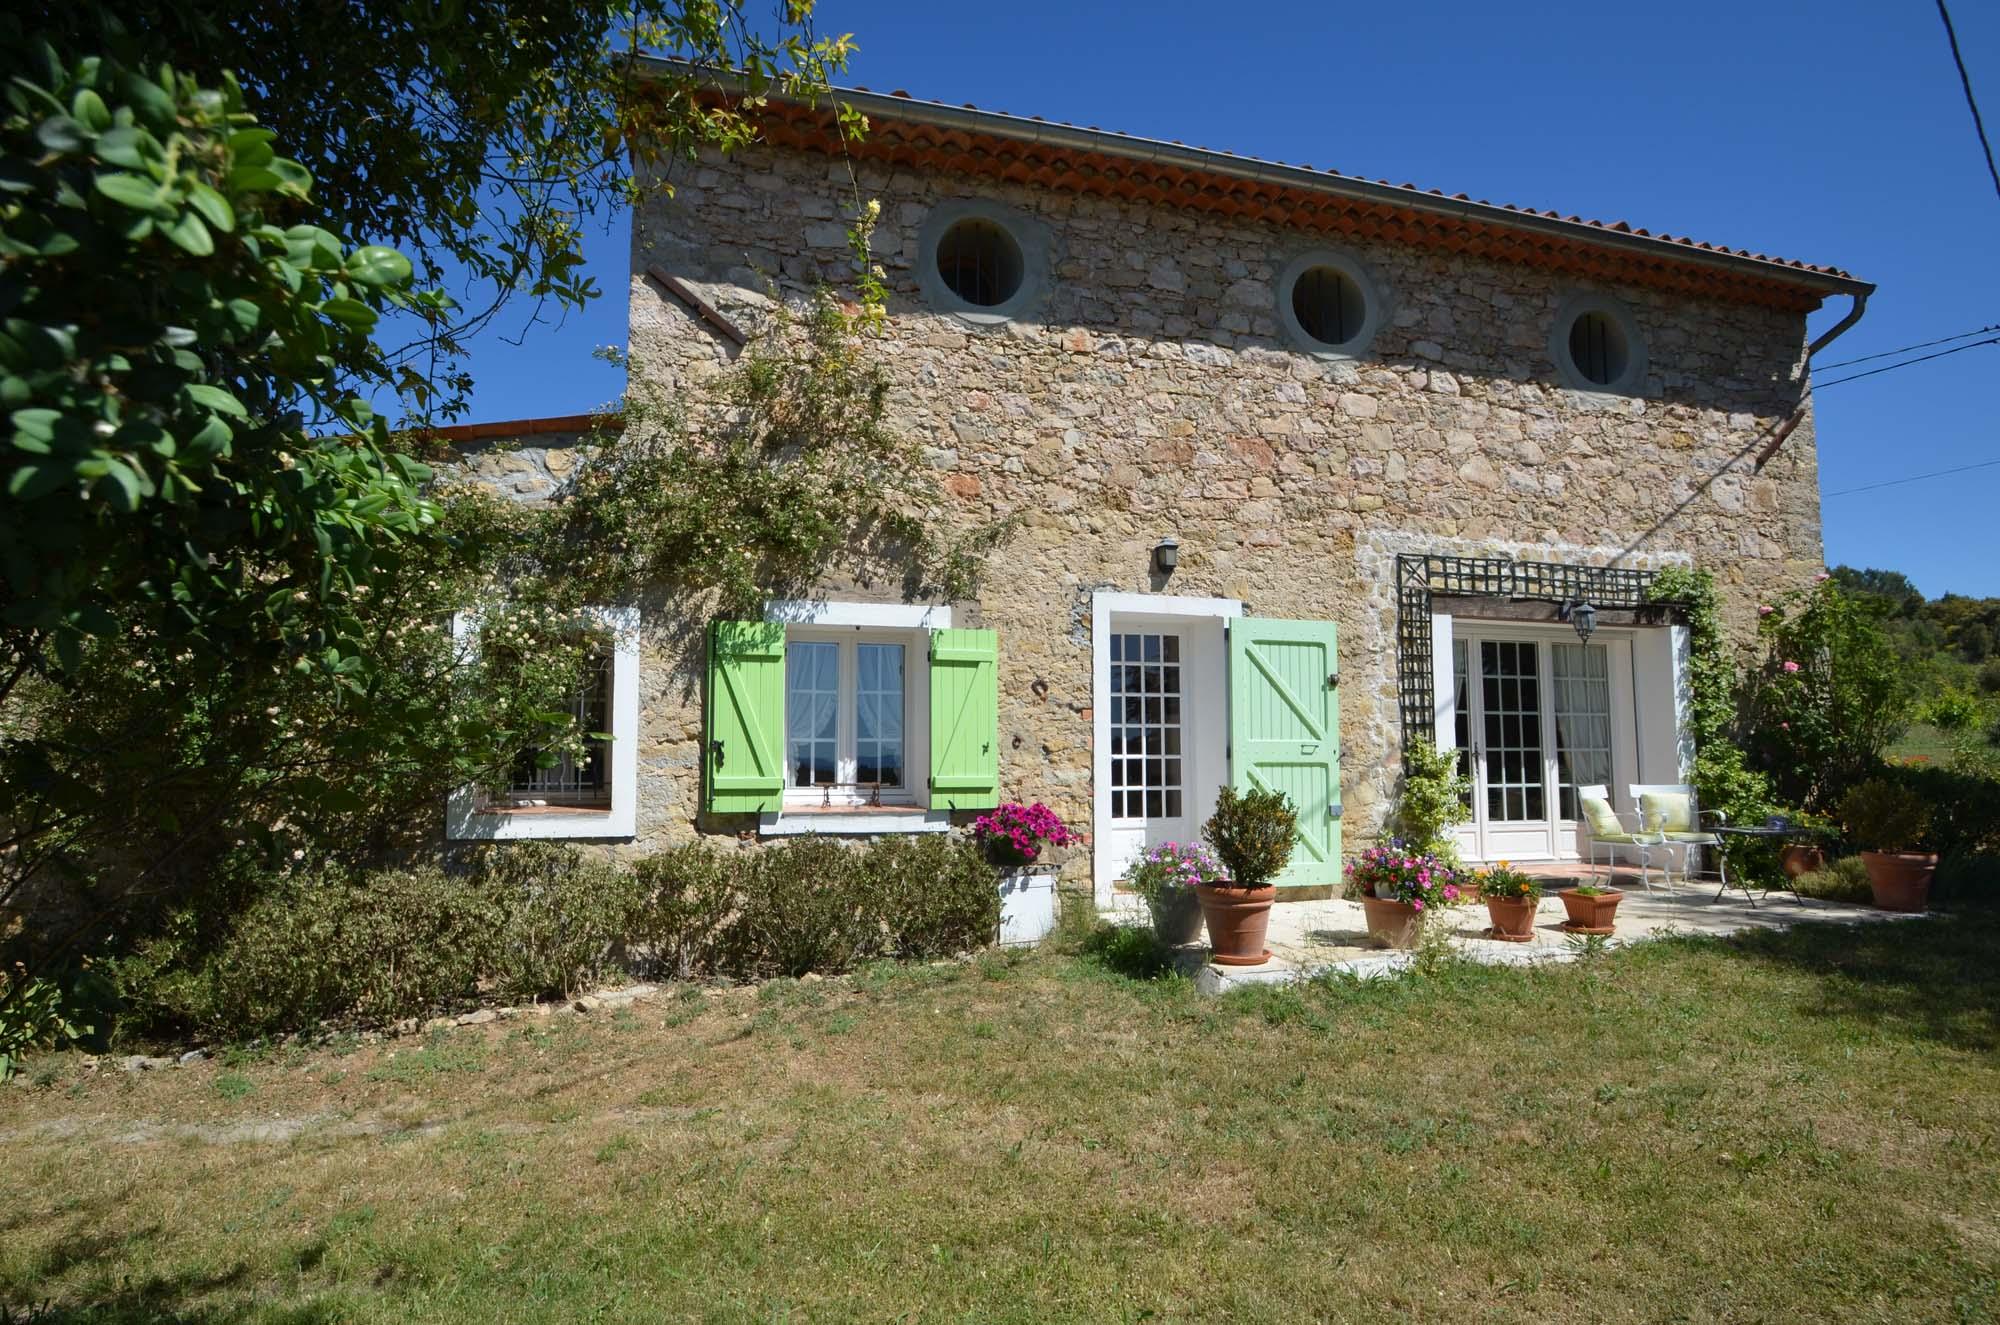 Vakantiehuis in Saint-Antonin-du-Var met zwembad, in Provence-Cote d'Azur.